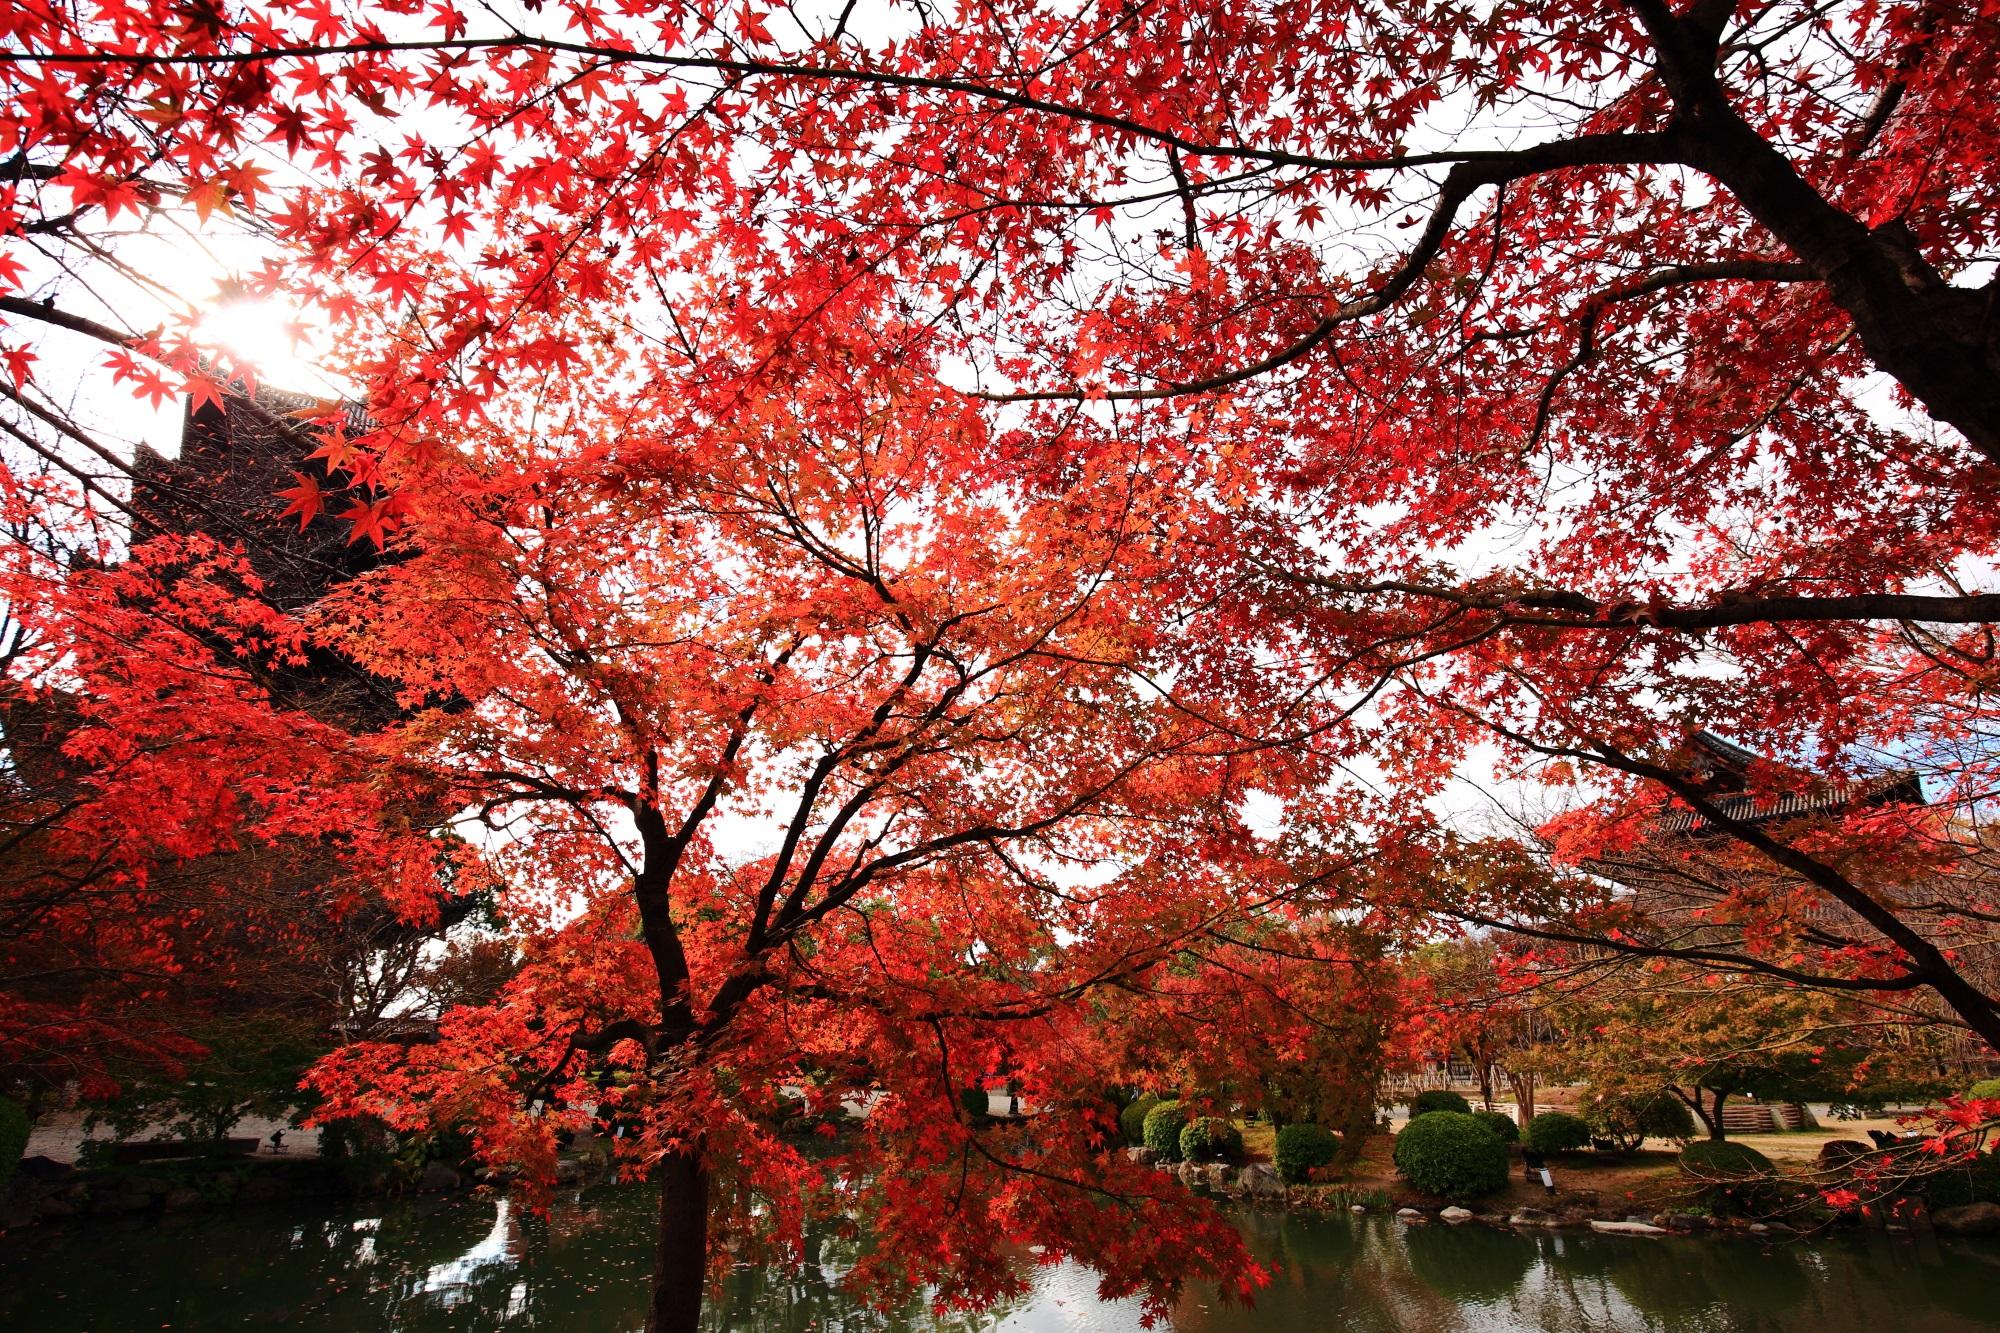 紅葉につつまれた京都のもみじの名所の東寺の五重塔と金堂